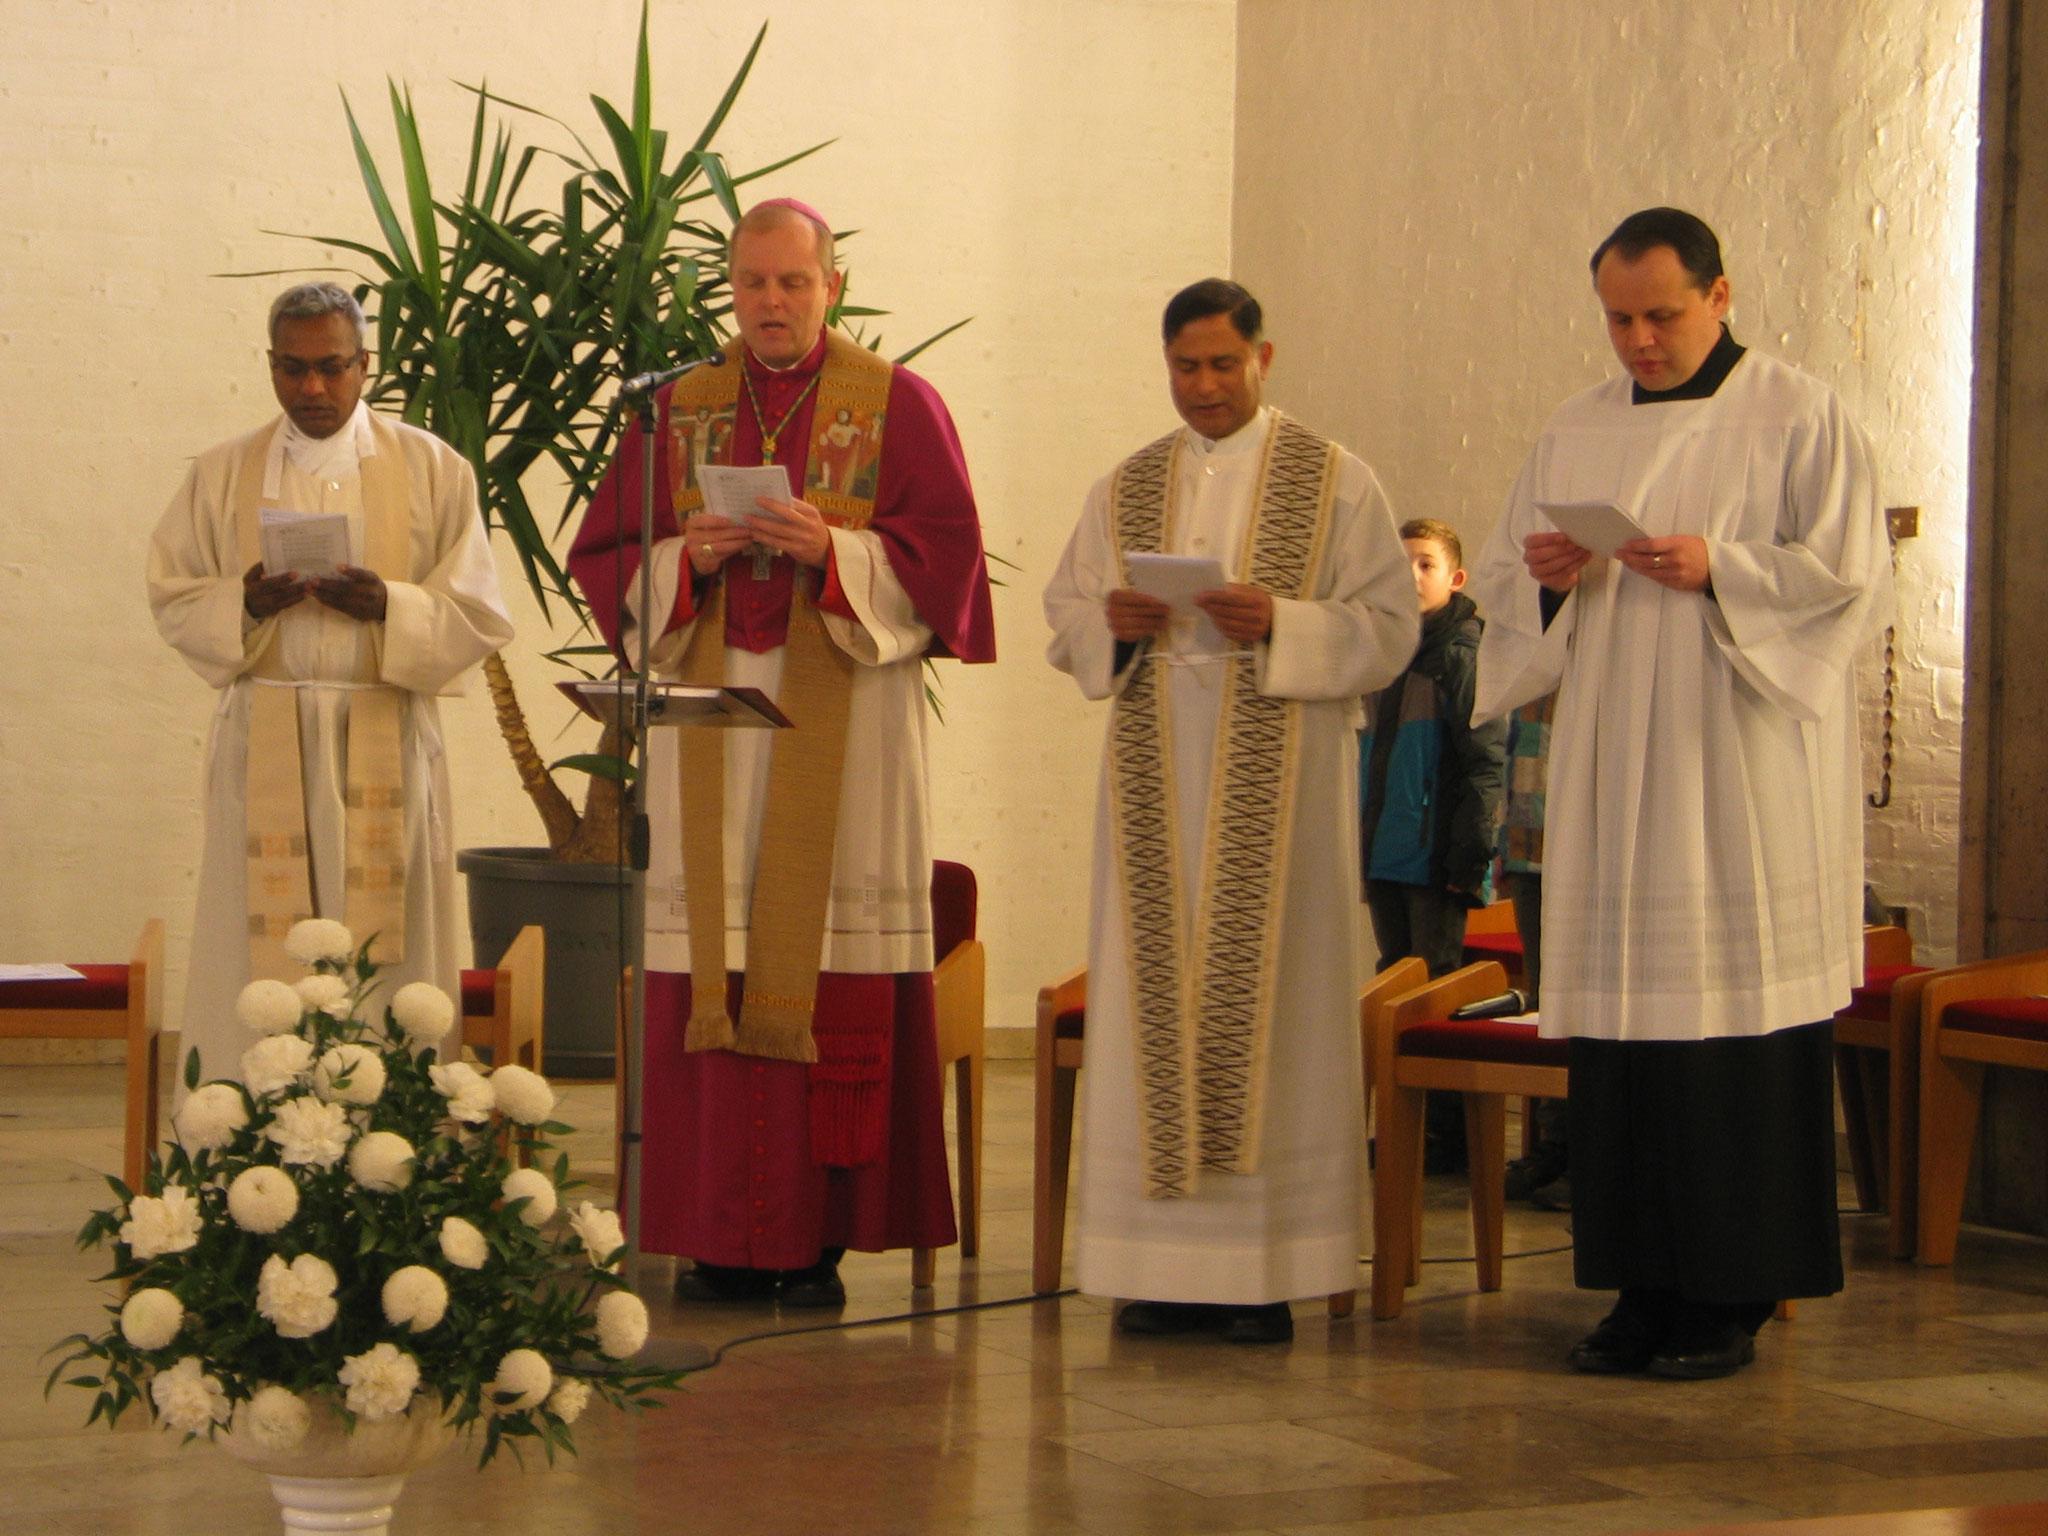 Beim Wortgottesdienst in der Christkönigskirche in Nordendorf